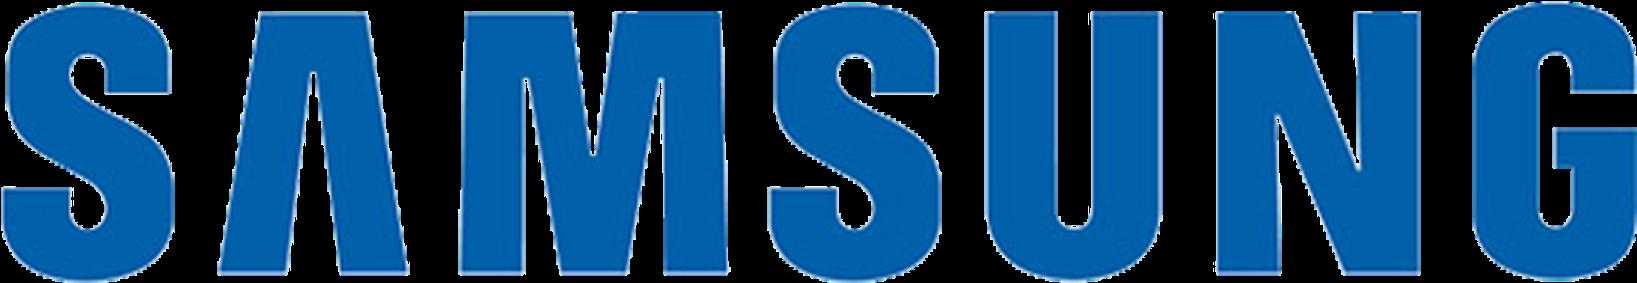 Комплексное оснащение рабочих мест ШЕ-оборудованием - профессиональные решения АРМЕР продажа от производителя